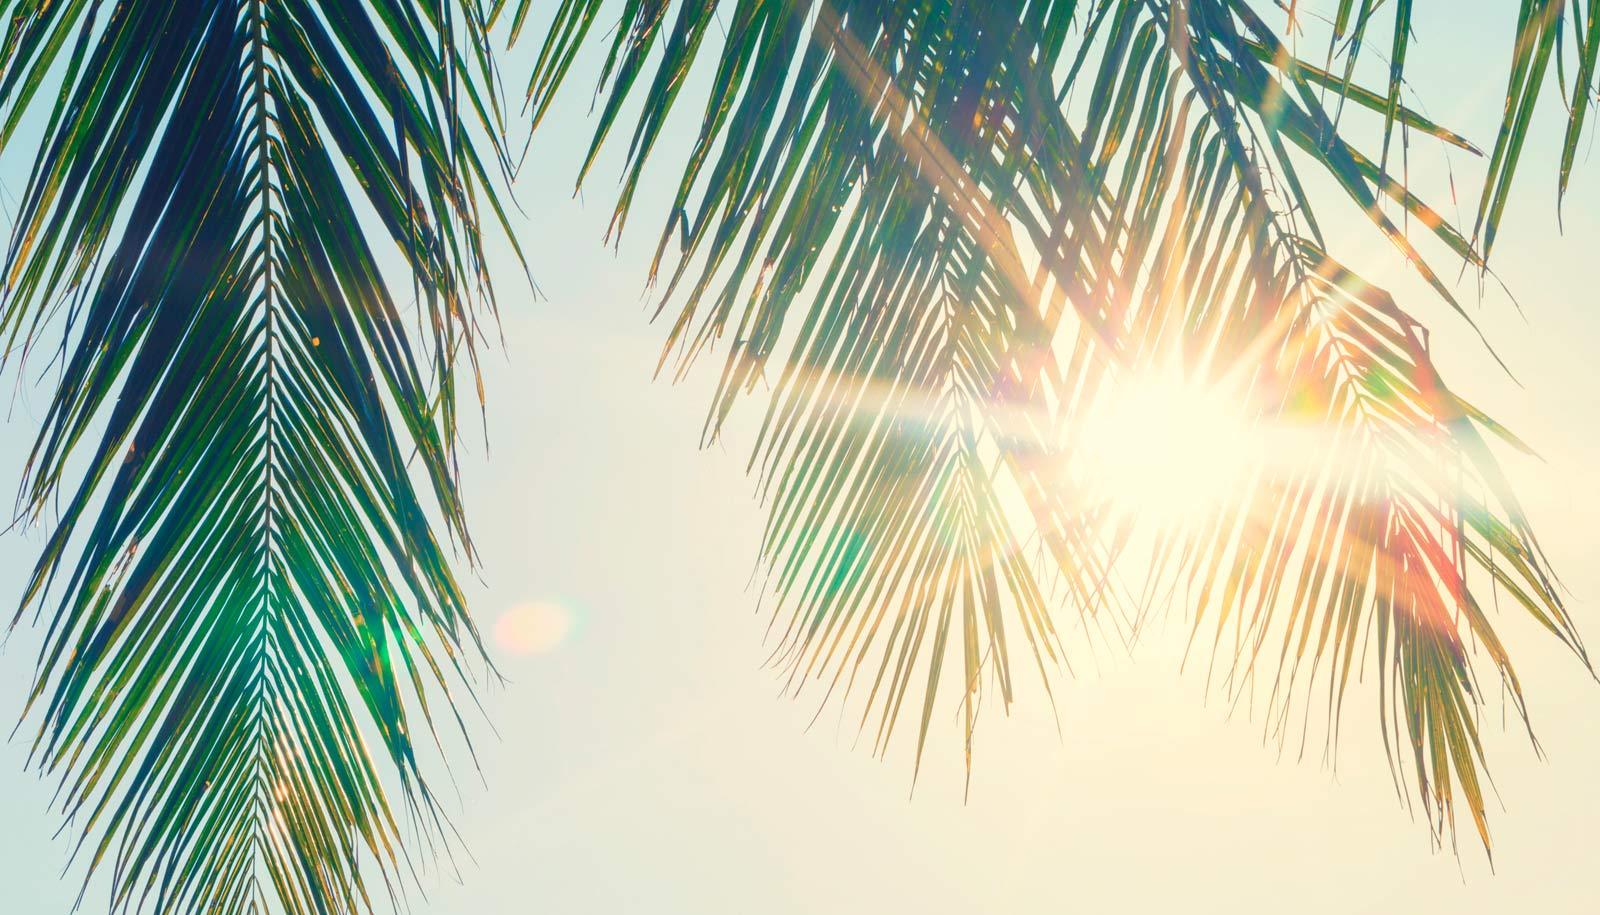 профессиональное фото море солнце ветка пальмы идеальное растение для